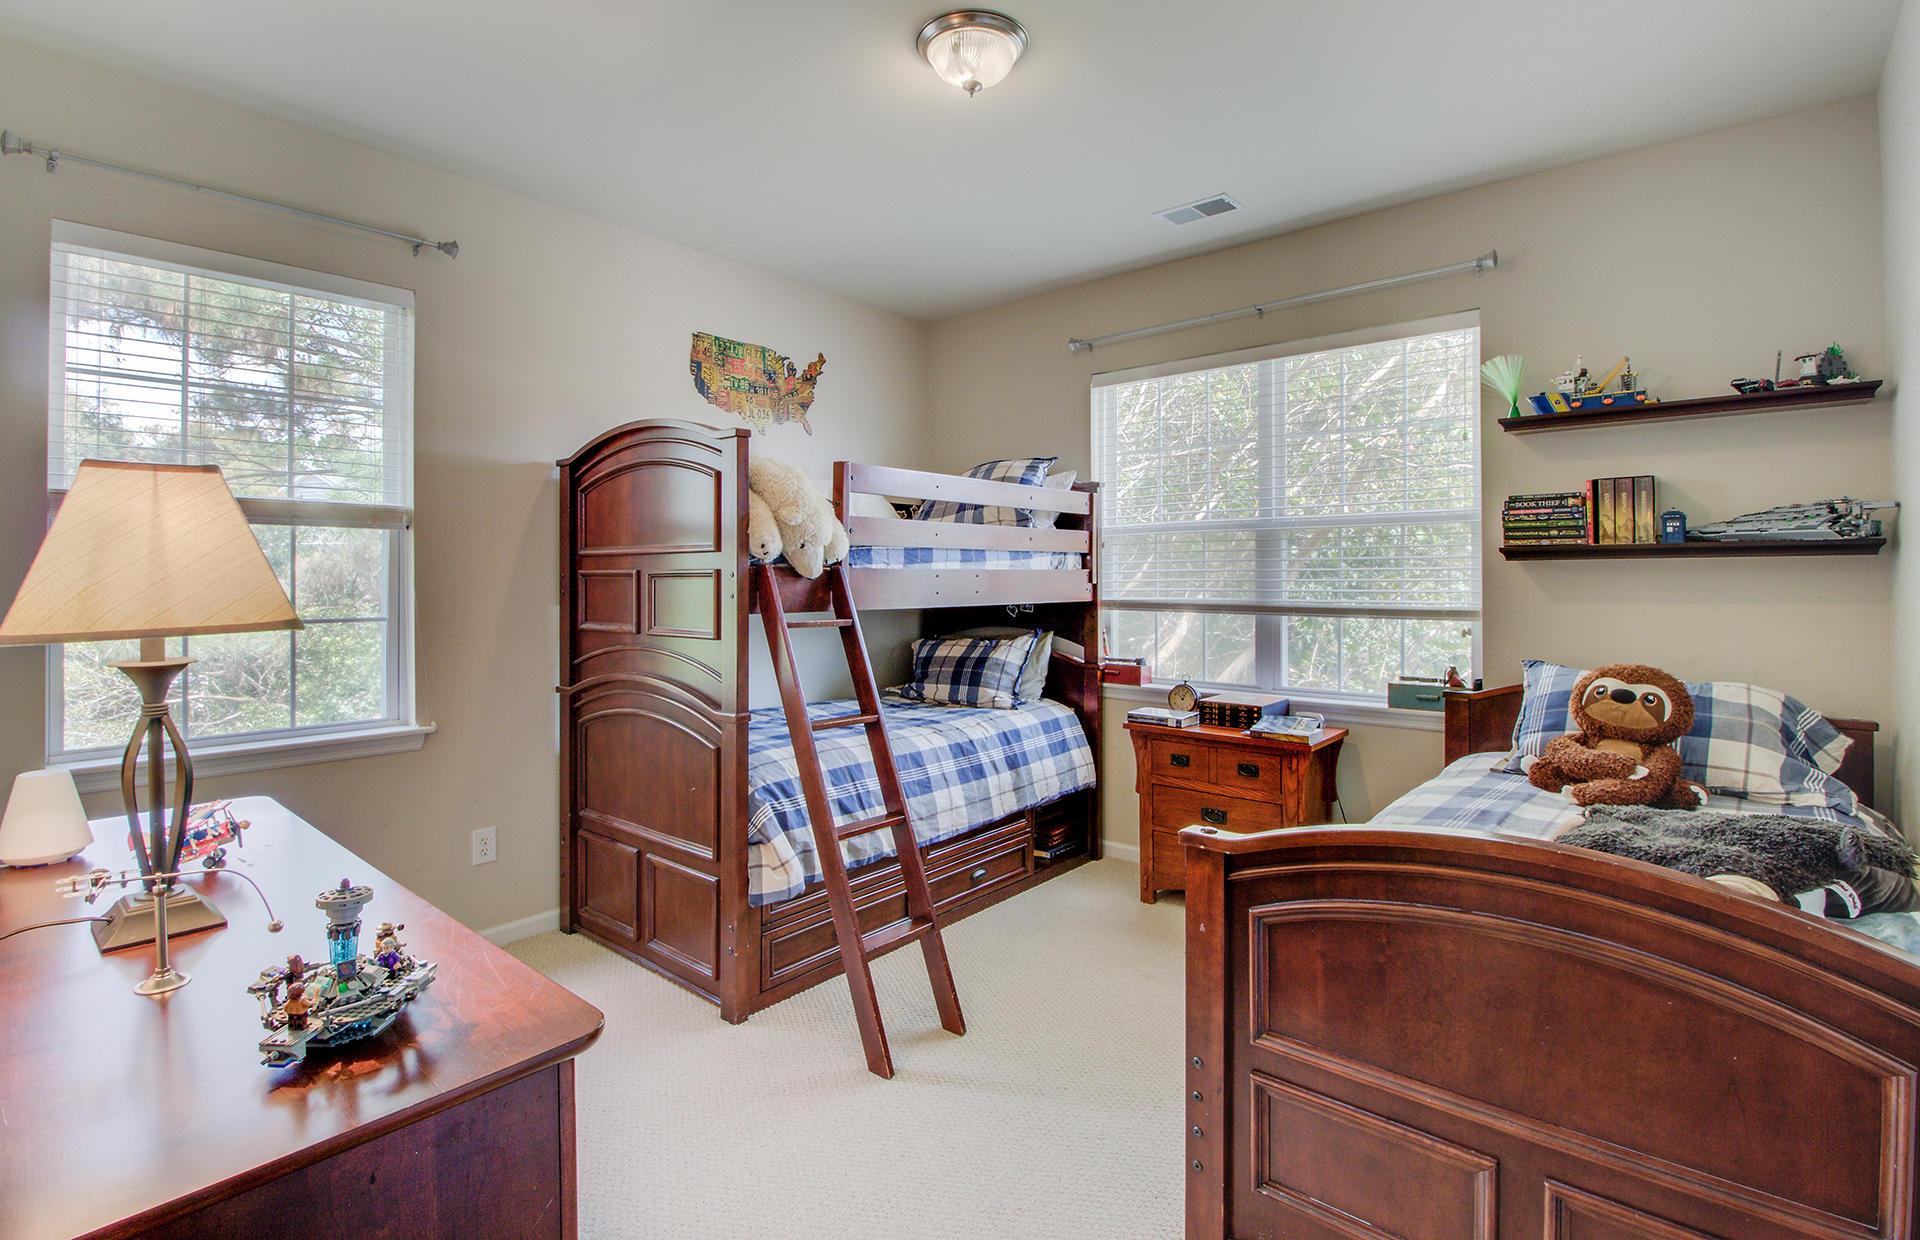 Park West Homes For Sale - 2500 Draymohr, Mount Pleasant, SC - 2